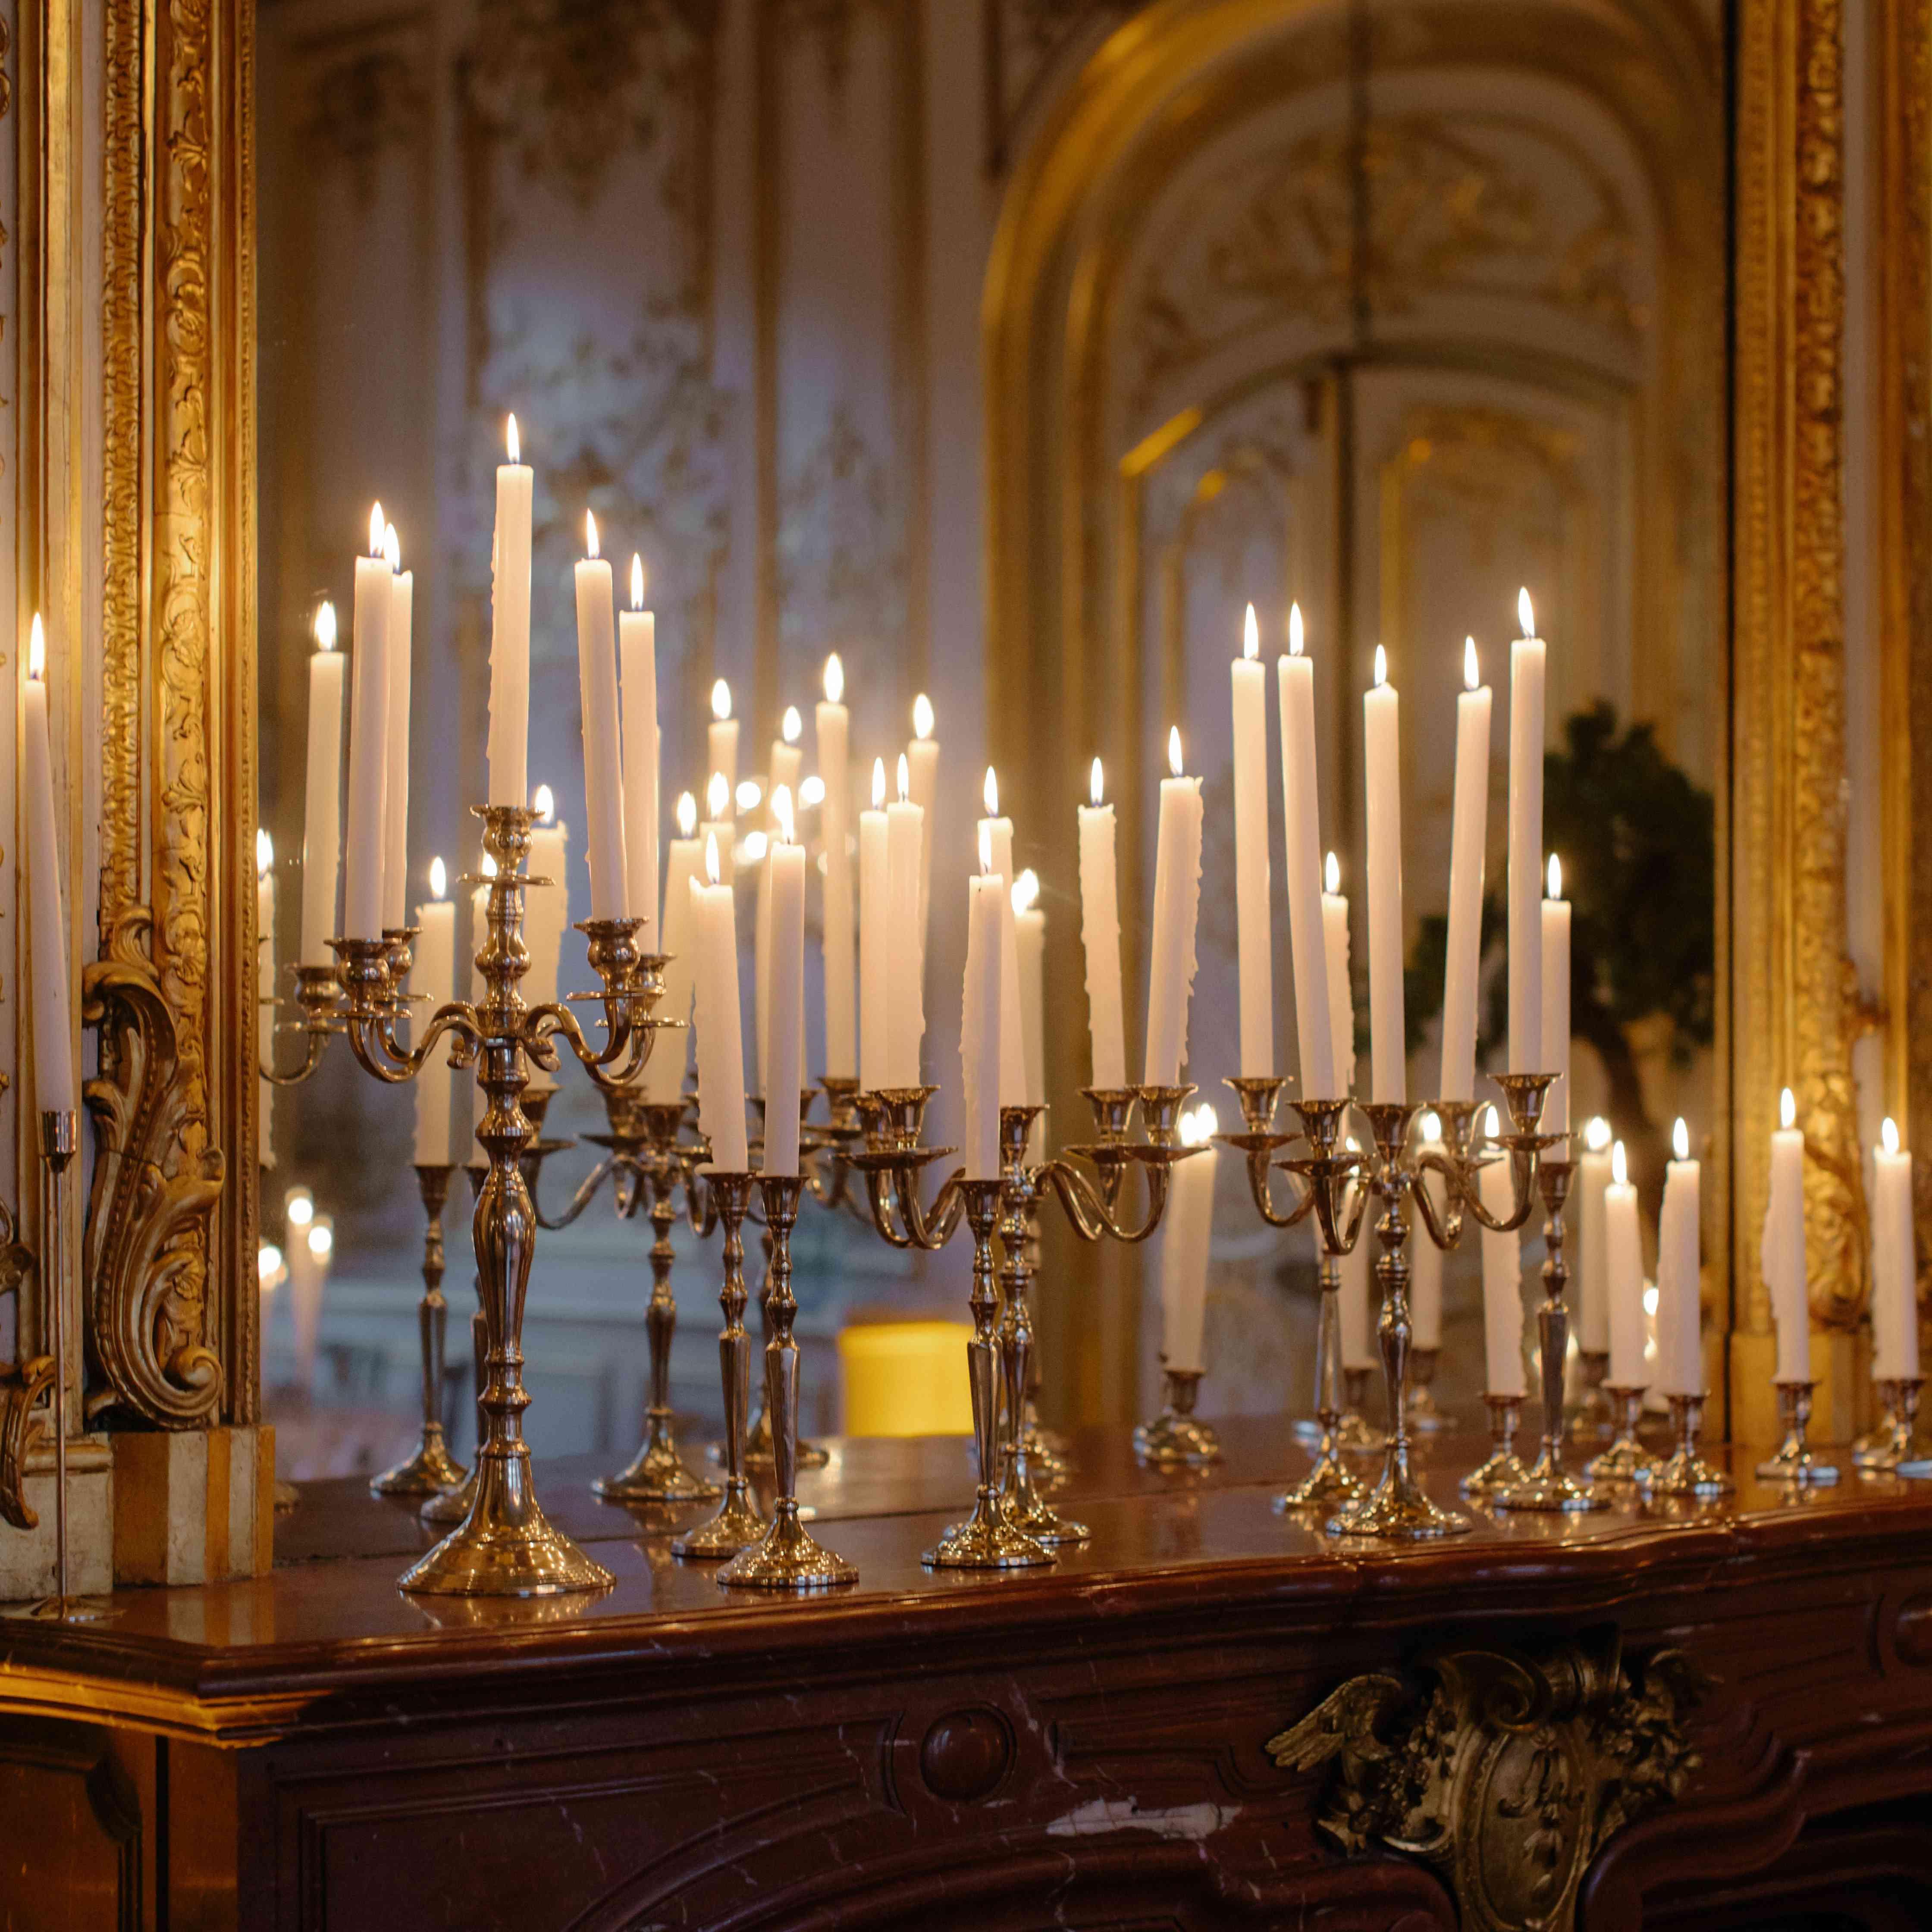 candelabras